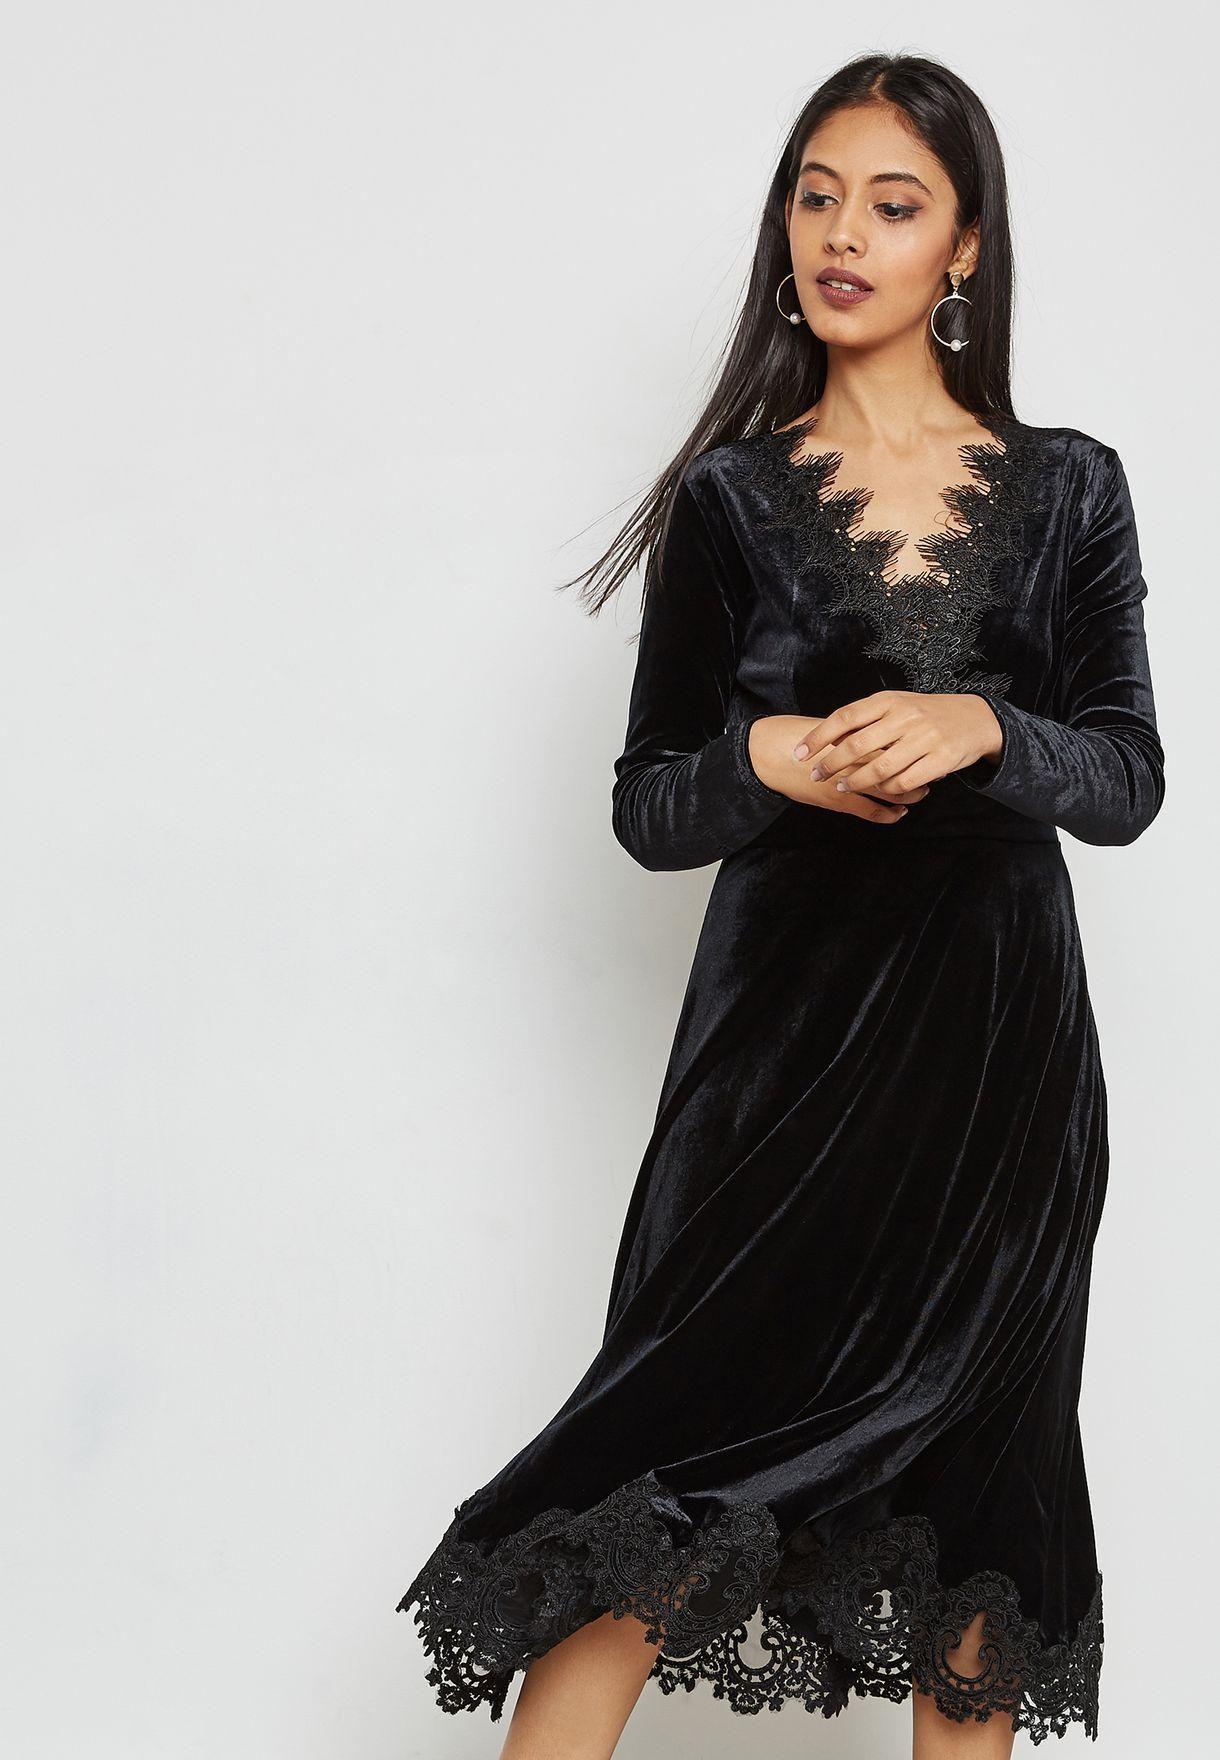 بالصور فستان مخمل , اجمل موضة فساتين 2019 3457 8